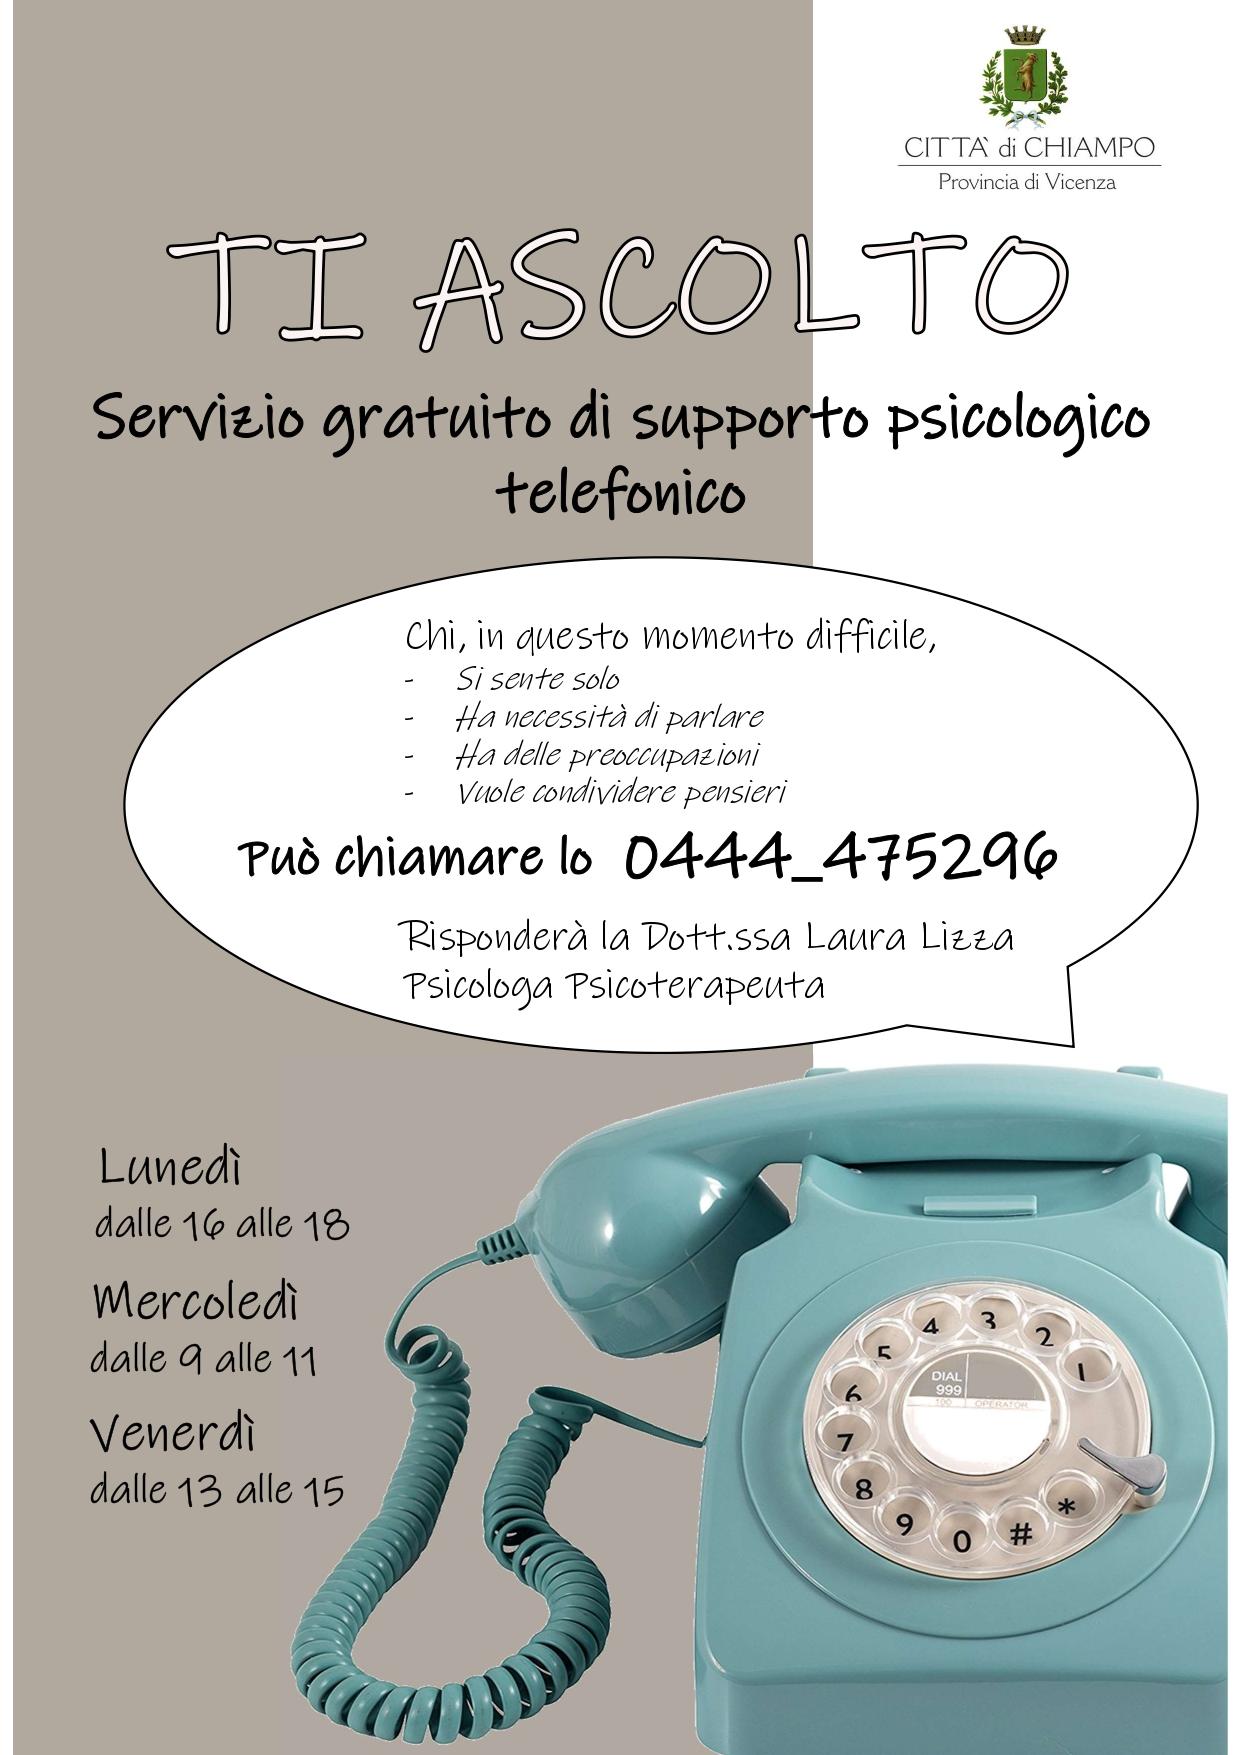 Ascolto telefonico-3_page-0001 (1)